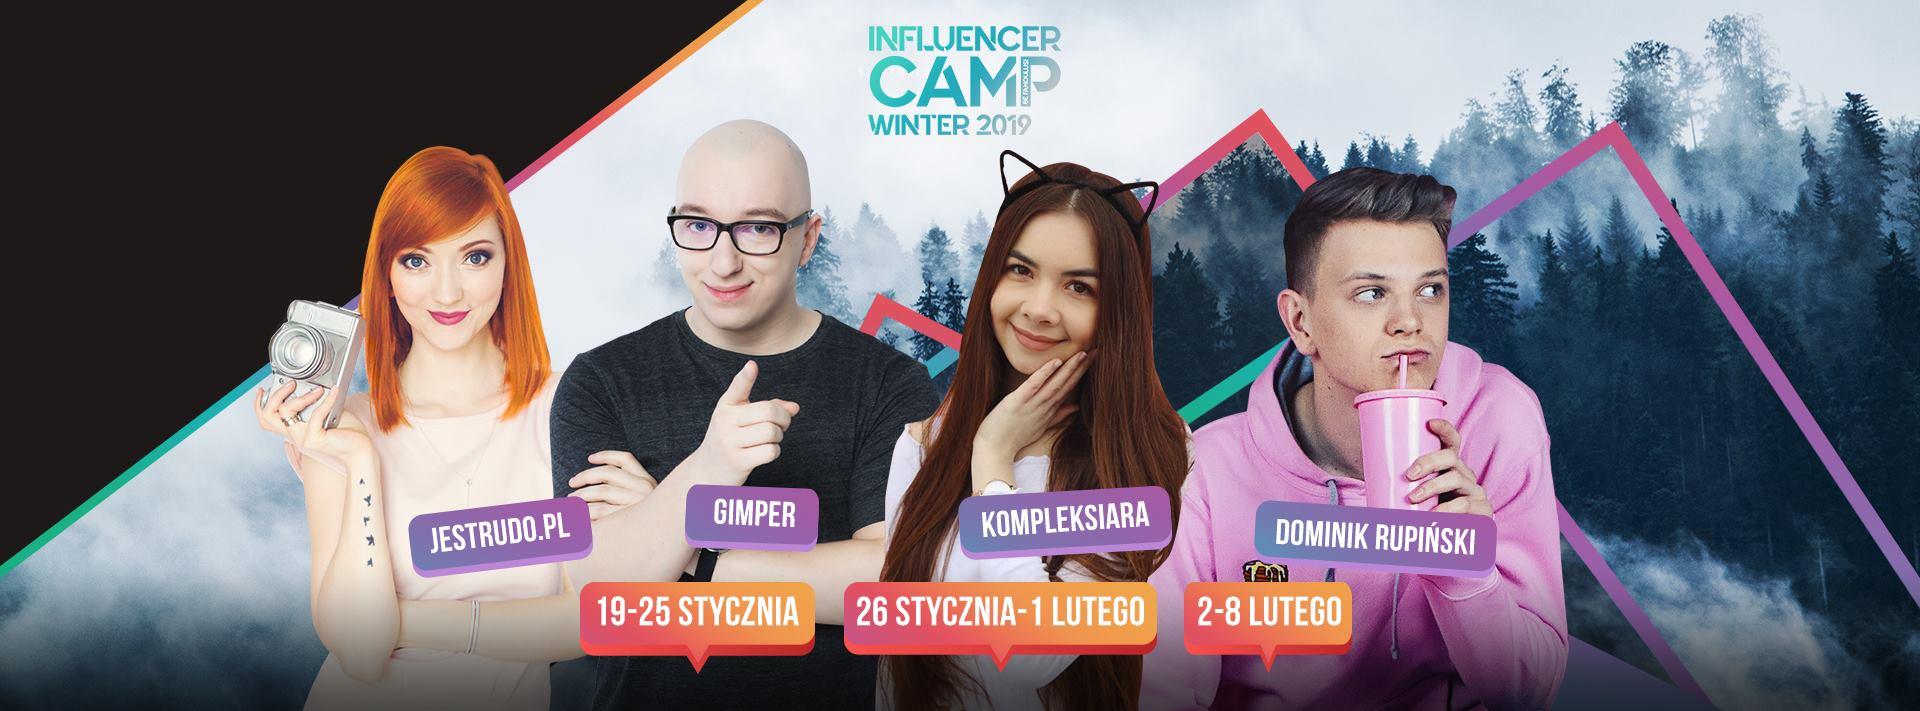 influencer camp